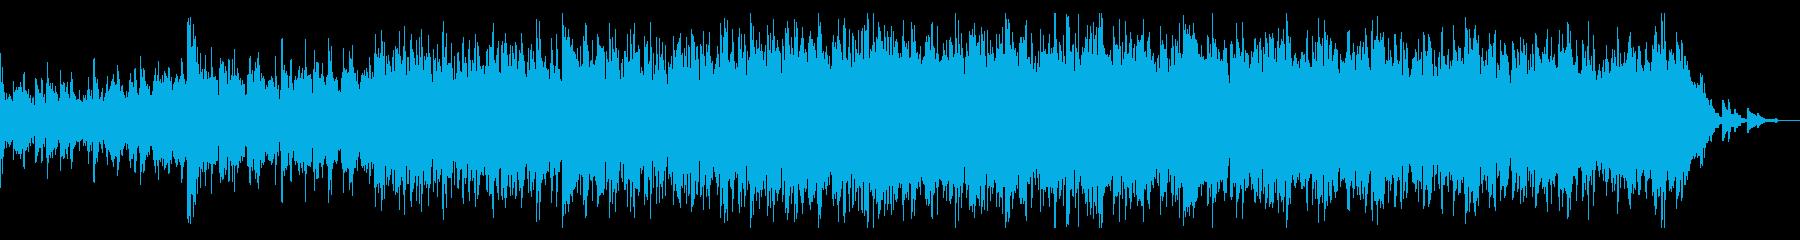 深淵から来る、ダークなテクスチャIDMの再生済みの波形